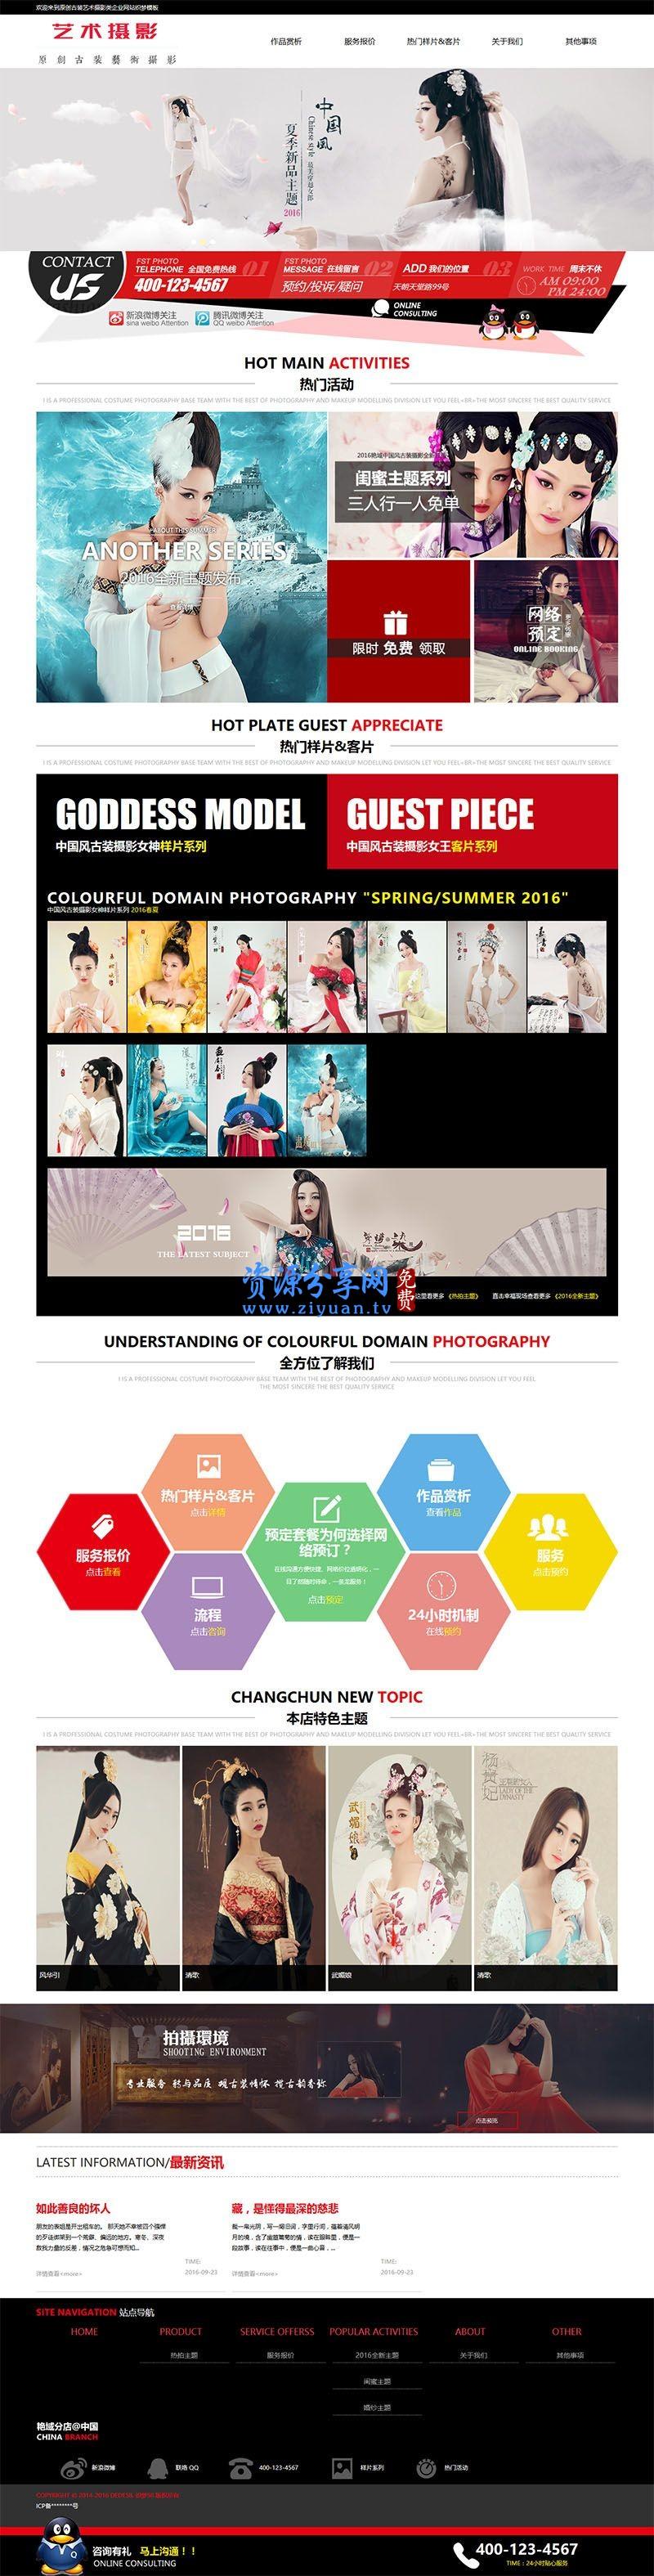 织梦 dedecms 原创古装艺术摄影类企业网站模板